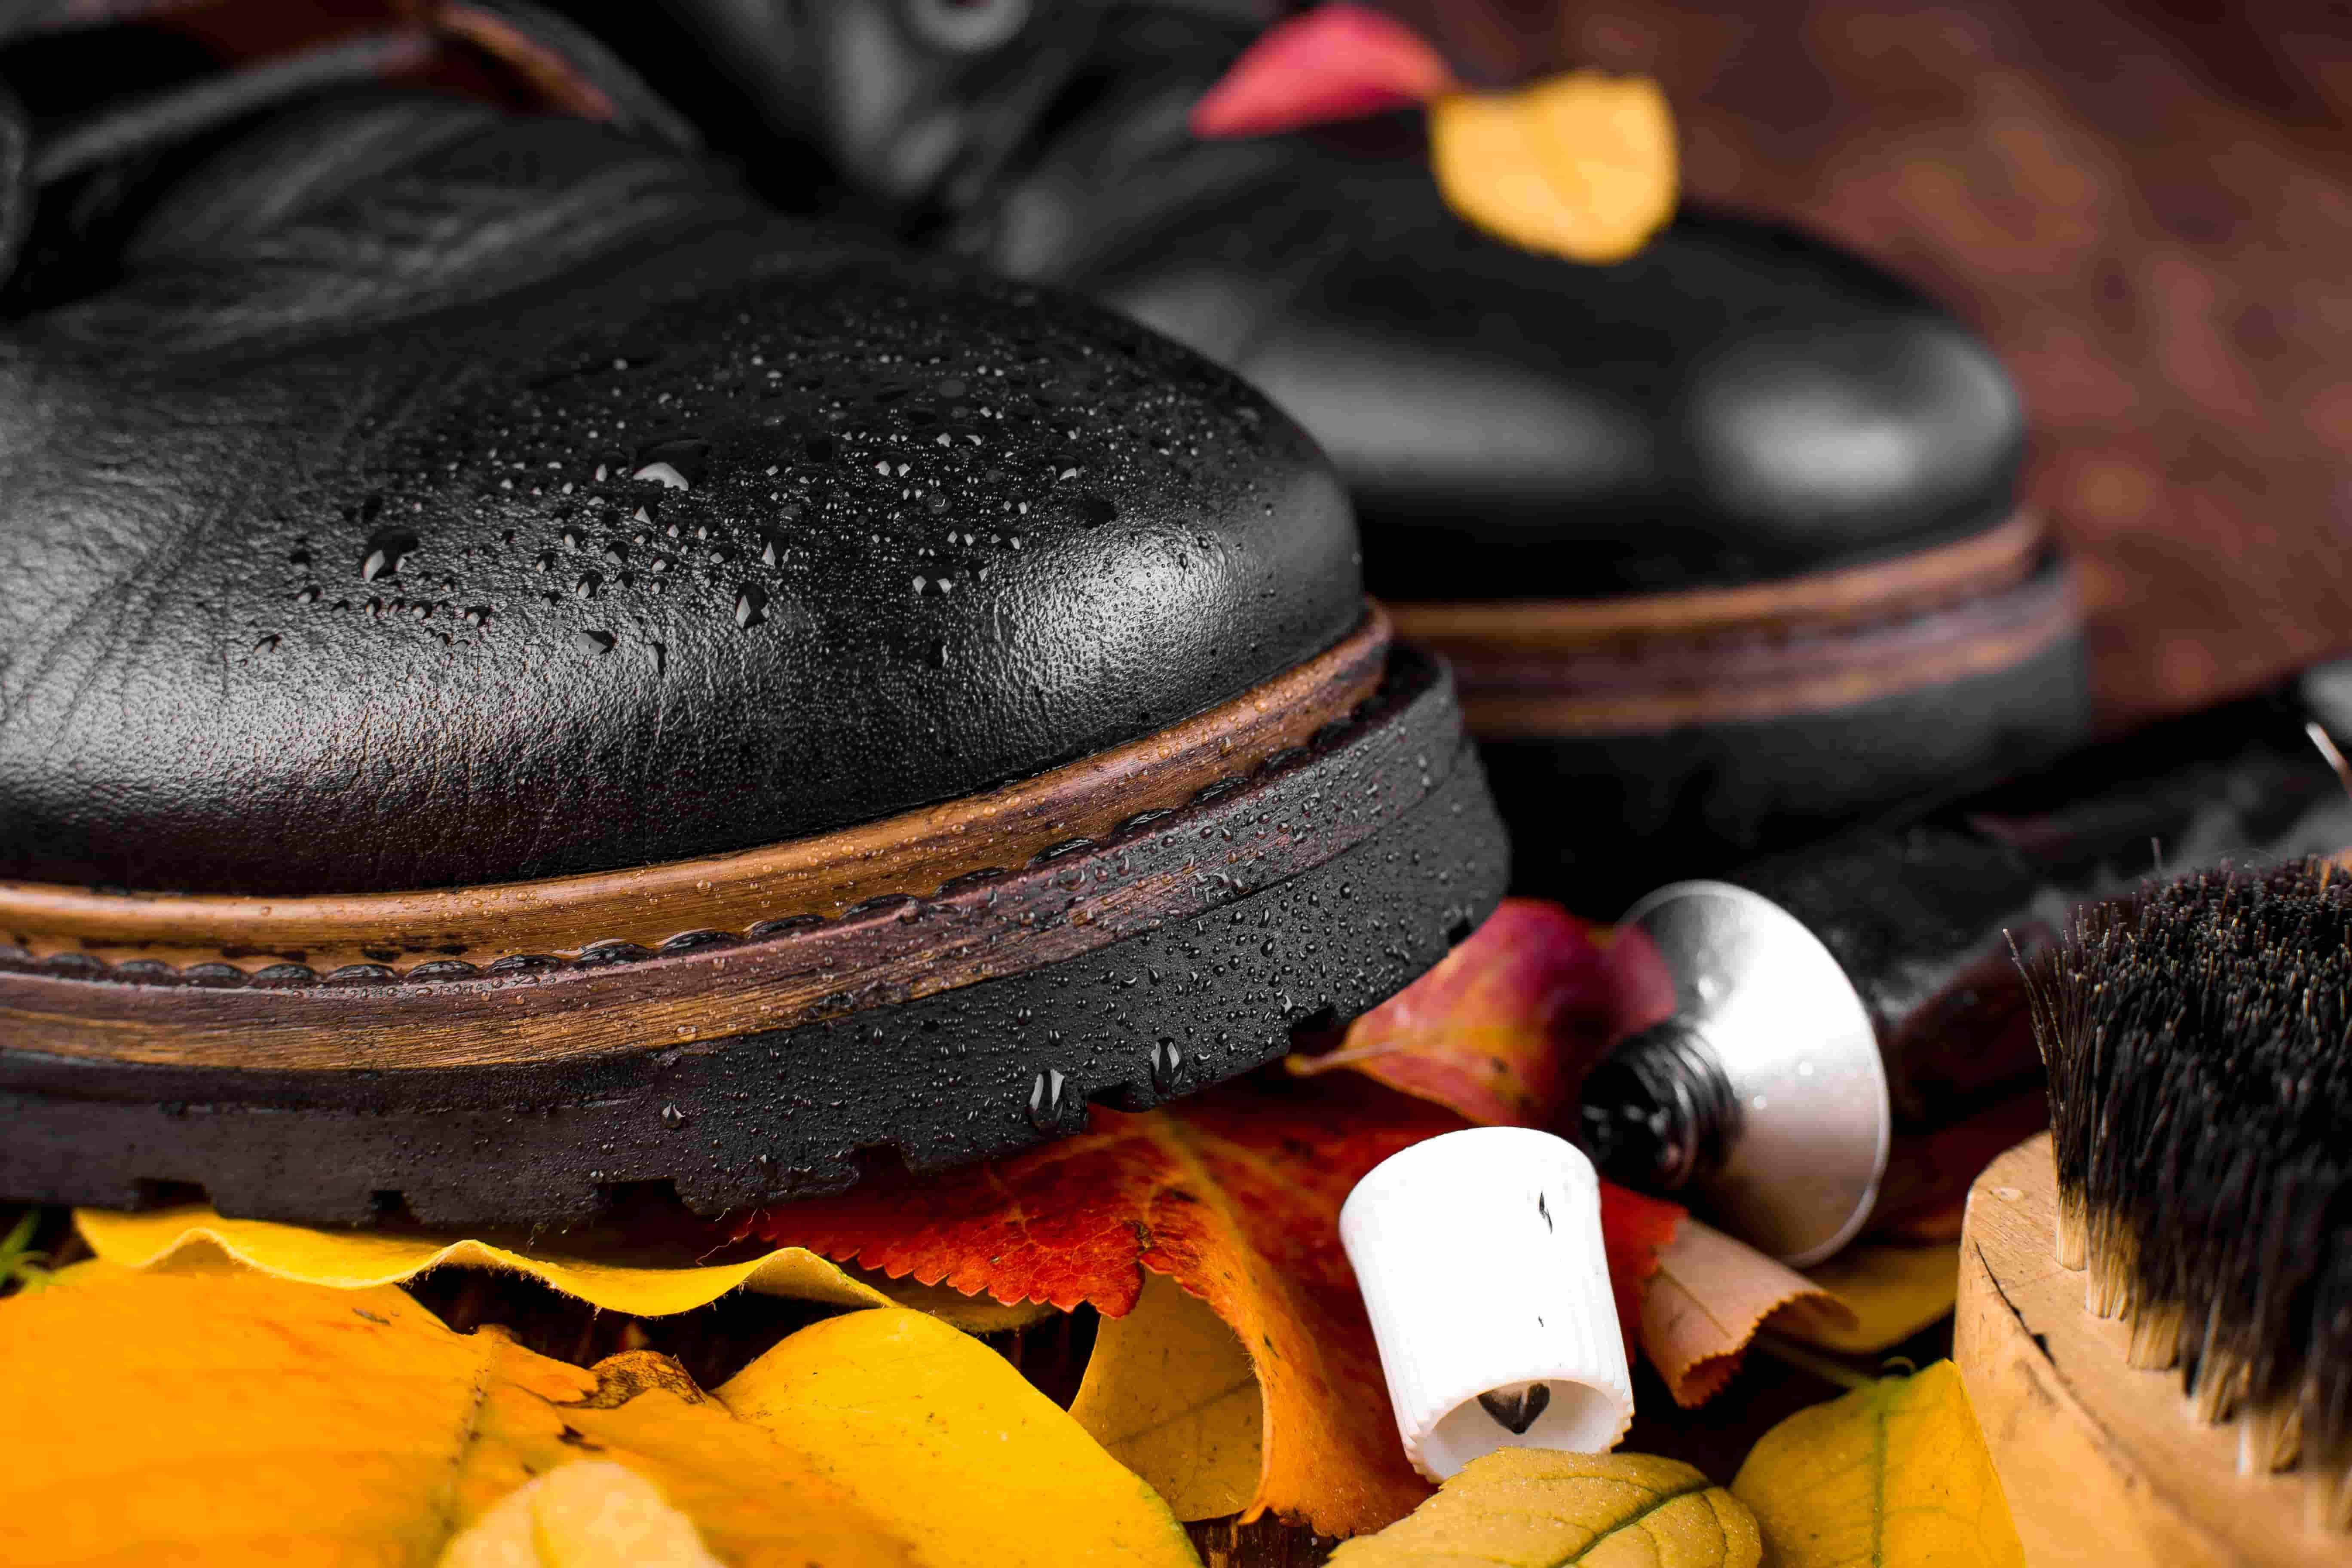 Уход за кожаной обувью. Как ухаживать за обувью из натуральной кожи